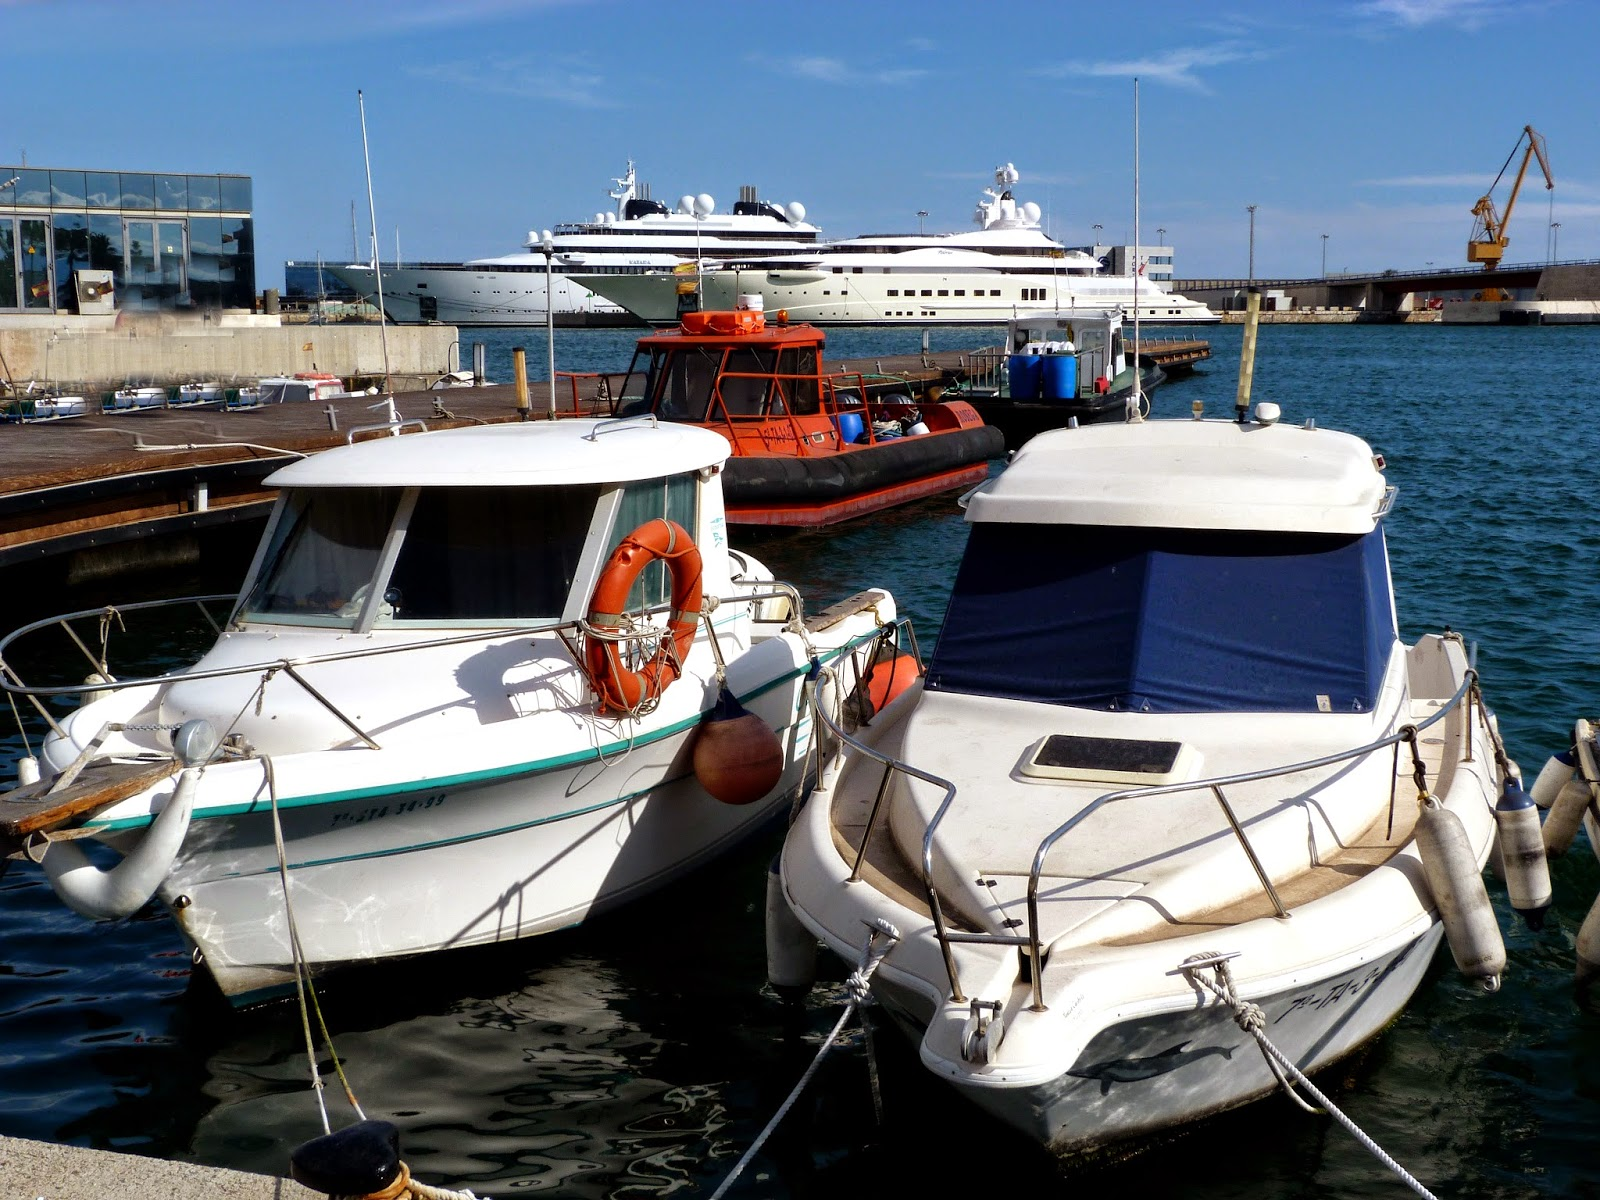 Tarragonain-barcos-yates